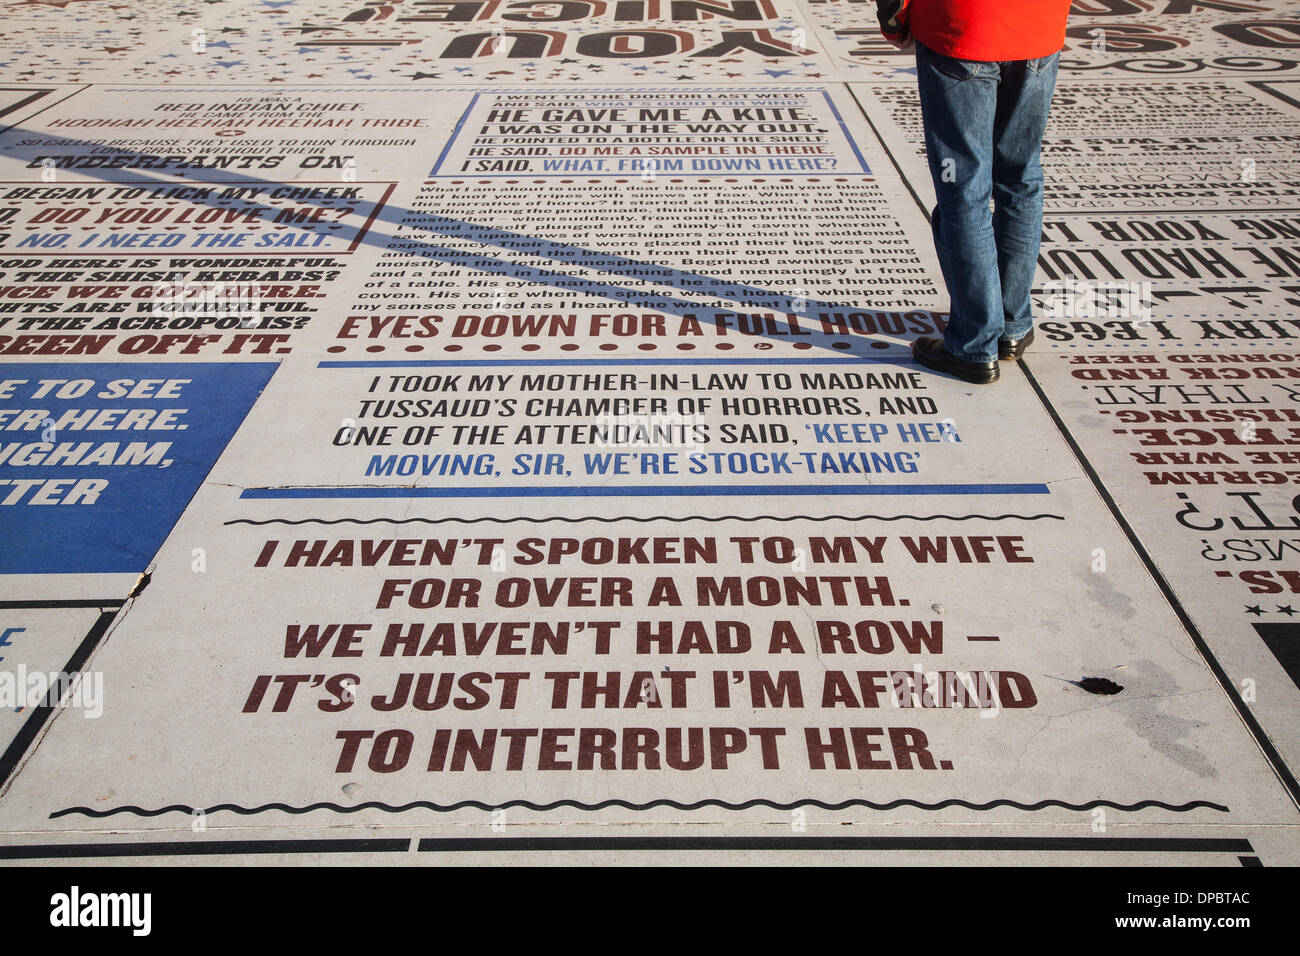 Blackpool, Lancashire, UK 11. Jan 2014. Frühe Jahreszeit Urlauber genießen die Humor und Phrasen von Les Dawson Prägungen in der Komödie Pflaster auf der Promenade in Blackpool, Feier der Komödie auf einer außerordentlichen Maßstab. Die Arbeit der mehr als 1.000 Comedians und Komödie Schriftsteller, der Teppich visuelle Form zu Witzen, Liedern und Schlagworte aus den frühen Tagen der Vielfalt bis in die Gegenwart. Die 2.200 m2 Kunstwerk enthält über 160.000 Briefe aus Granit eingebettet in konkrete, die die Grenzen der öffentlichen Kunst und Typografie an ihre Grenzen. Stockbild